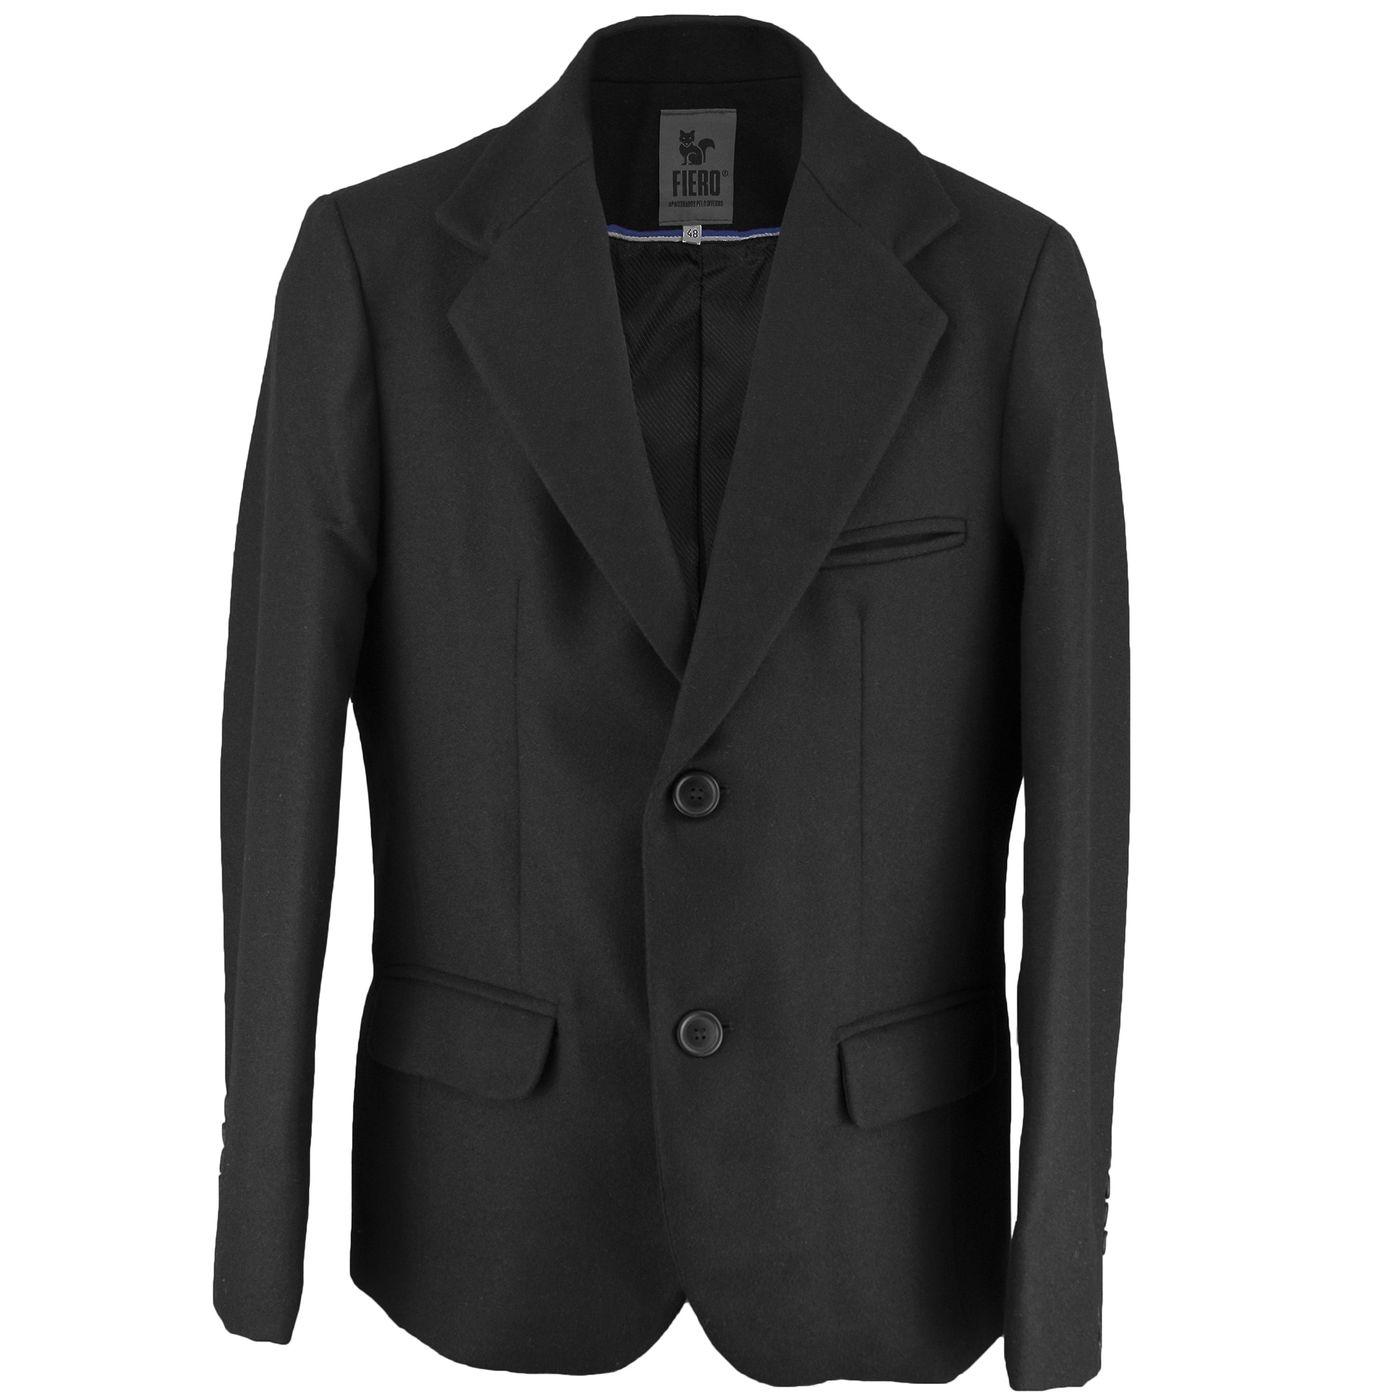 96160733a Blazer Masculino Fiero em lã uruguaia premium para o inverno e frio intenso  - fieroshop